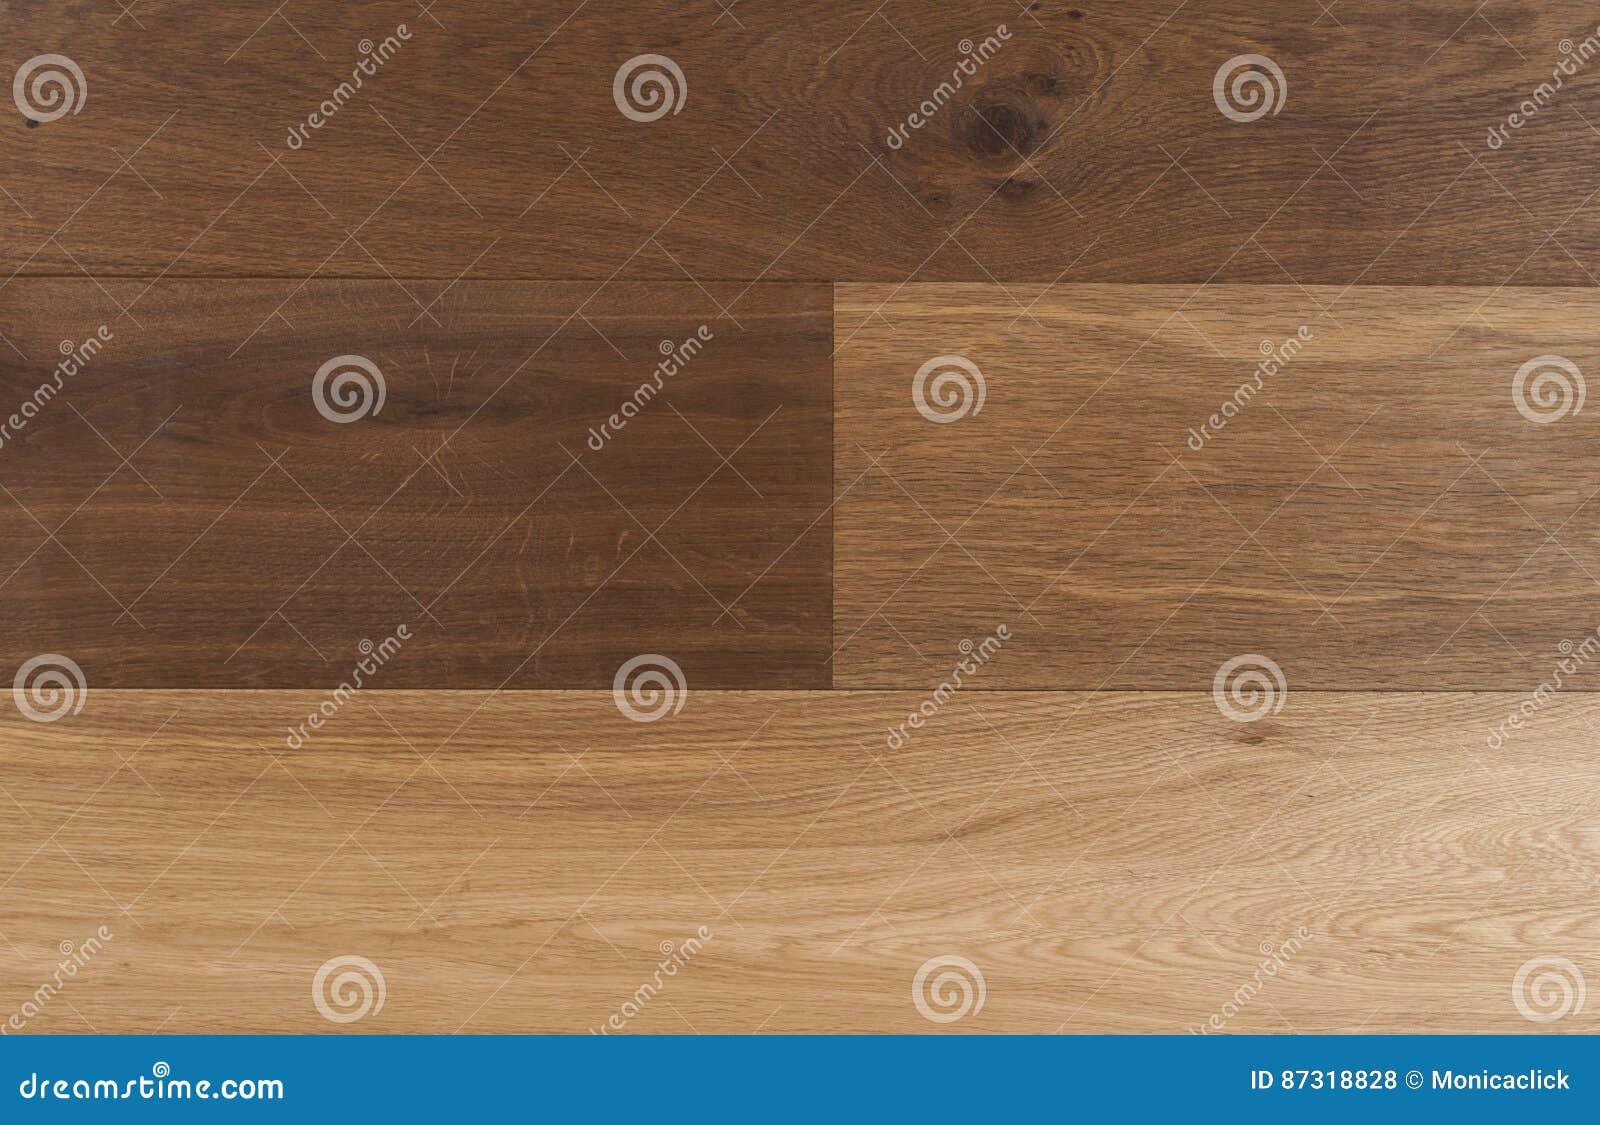 Assi Di Legno Rustiche : Foto di vista superiore delle assi del pavimento tedesche